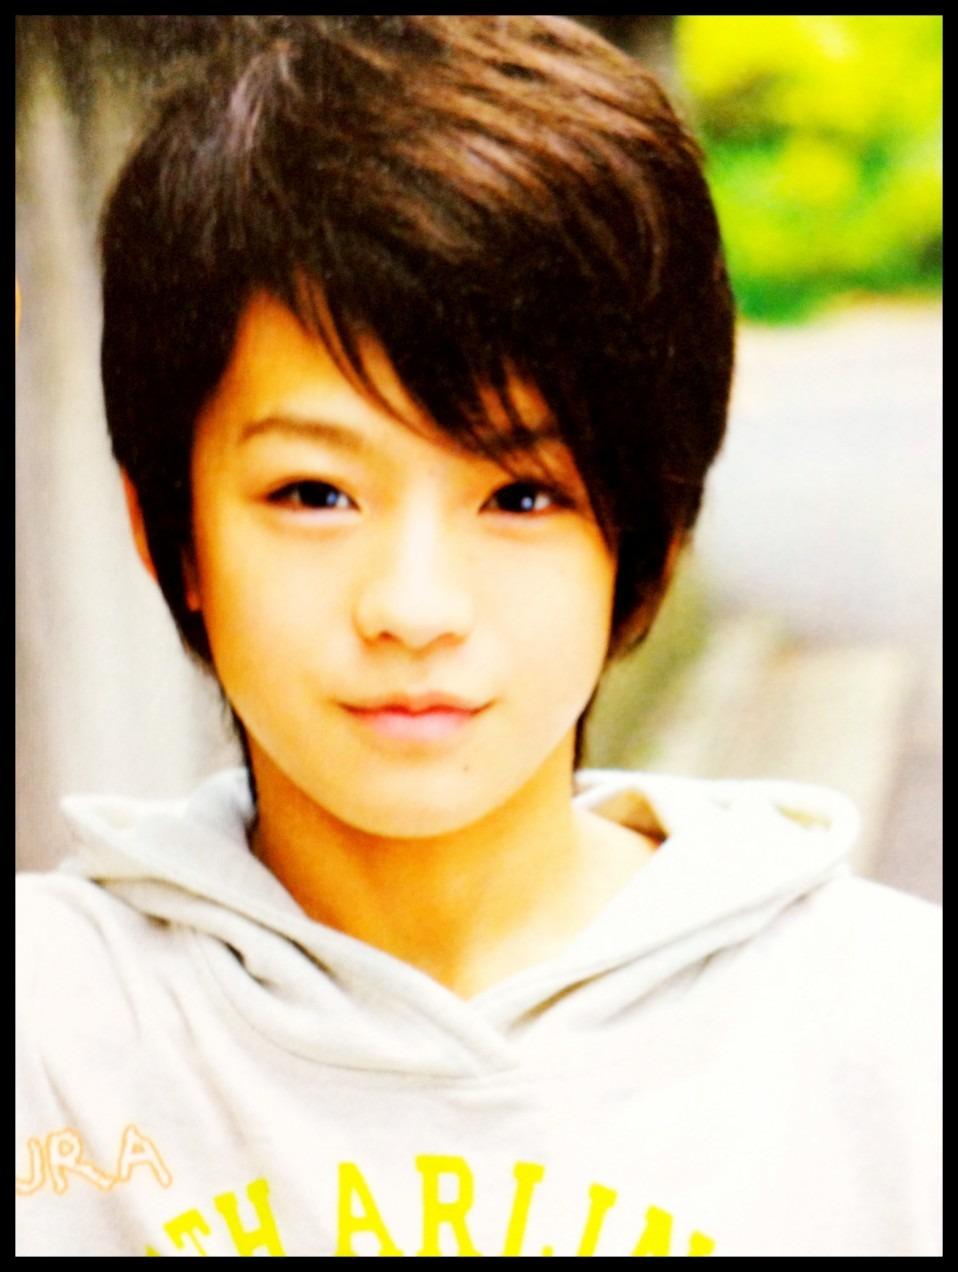 松倉海 妹 芸能人 かわいい 画像 ある